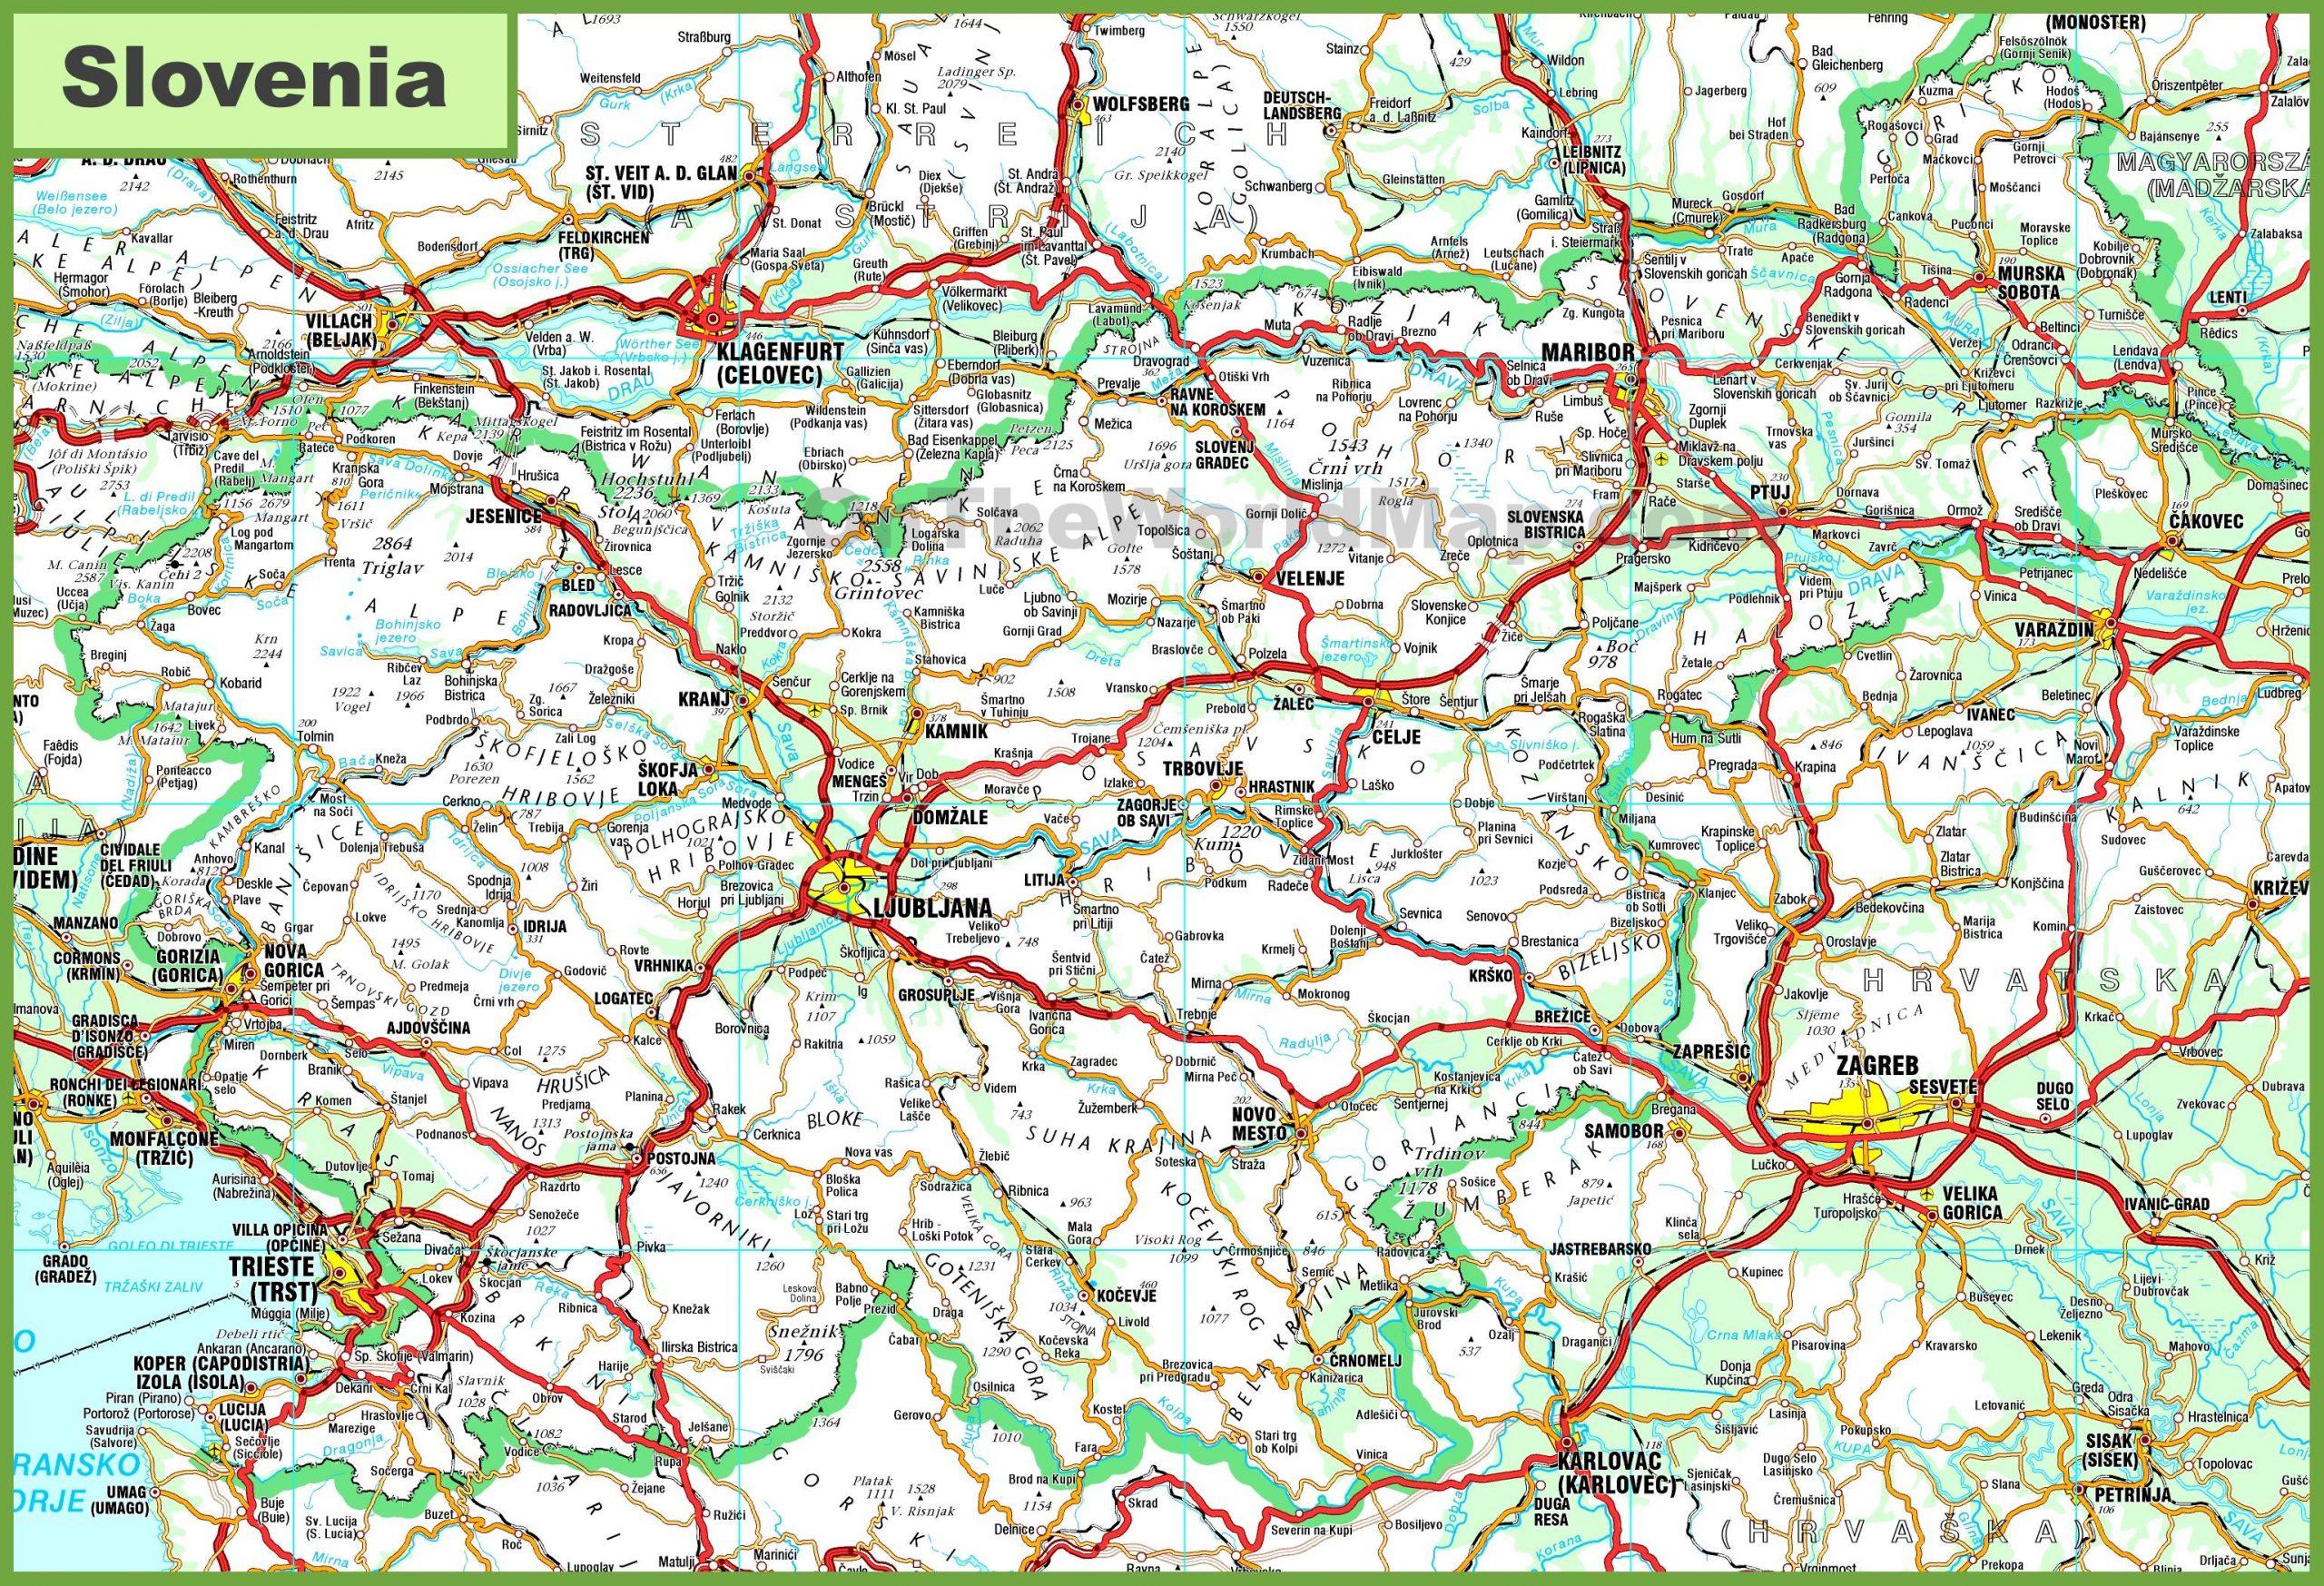 Carte Détaillée De La Slovénie - Carte Détaillée De La encequiconcerne Carte De L Europe Détaillée